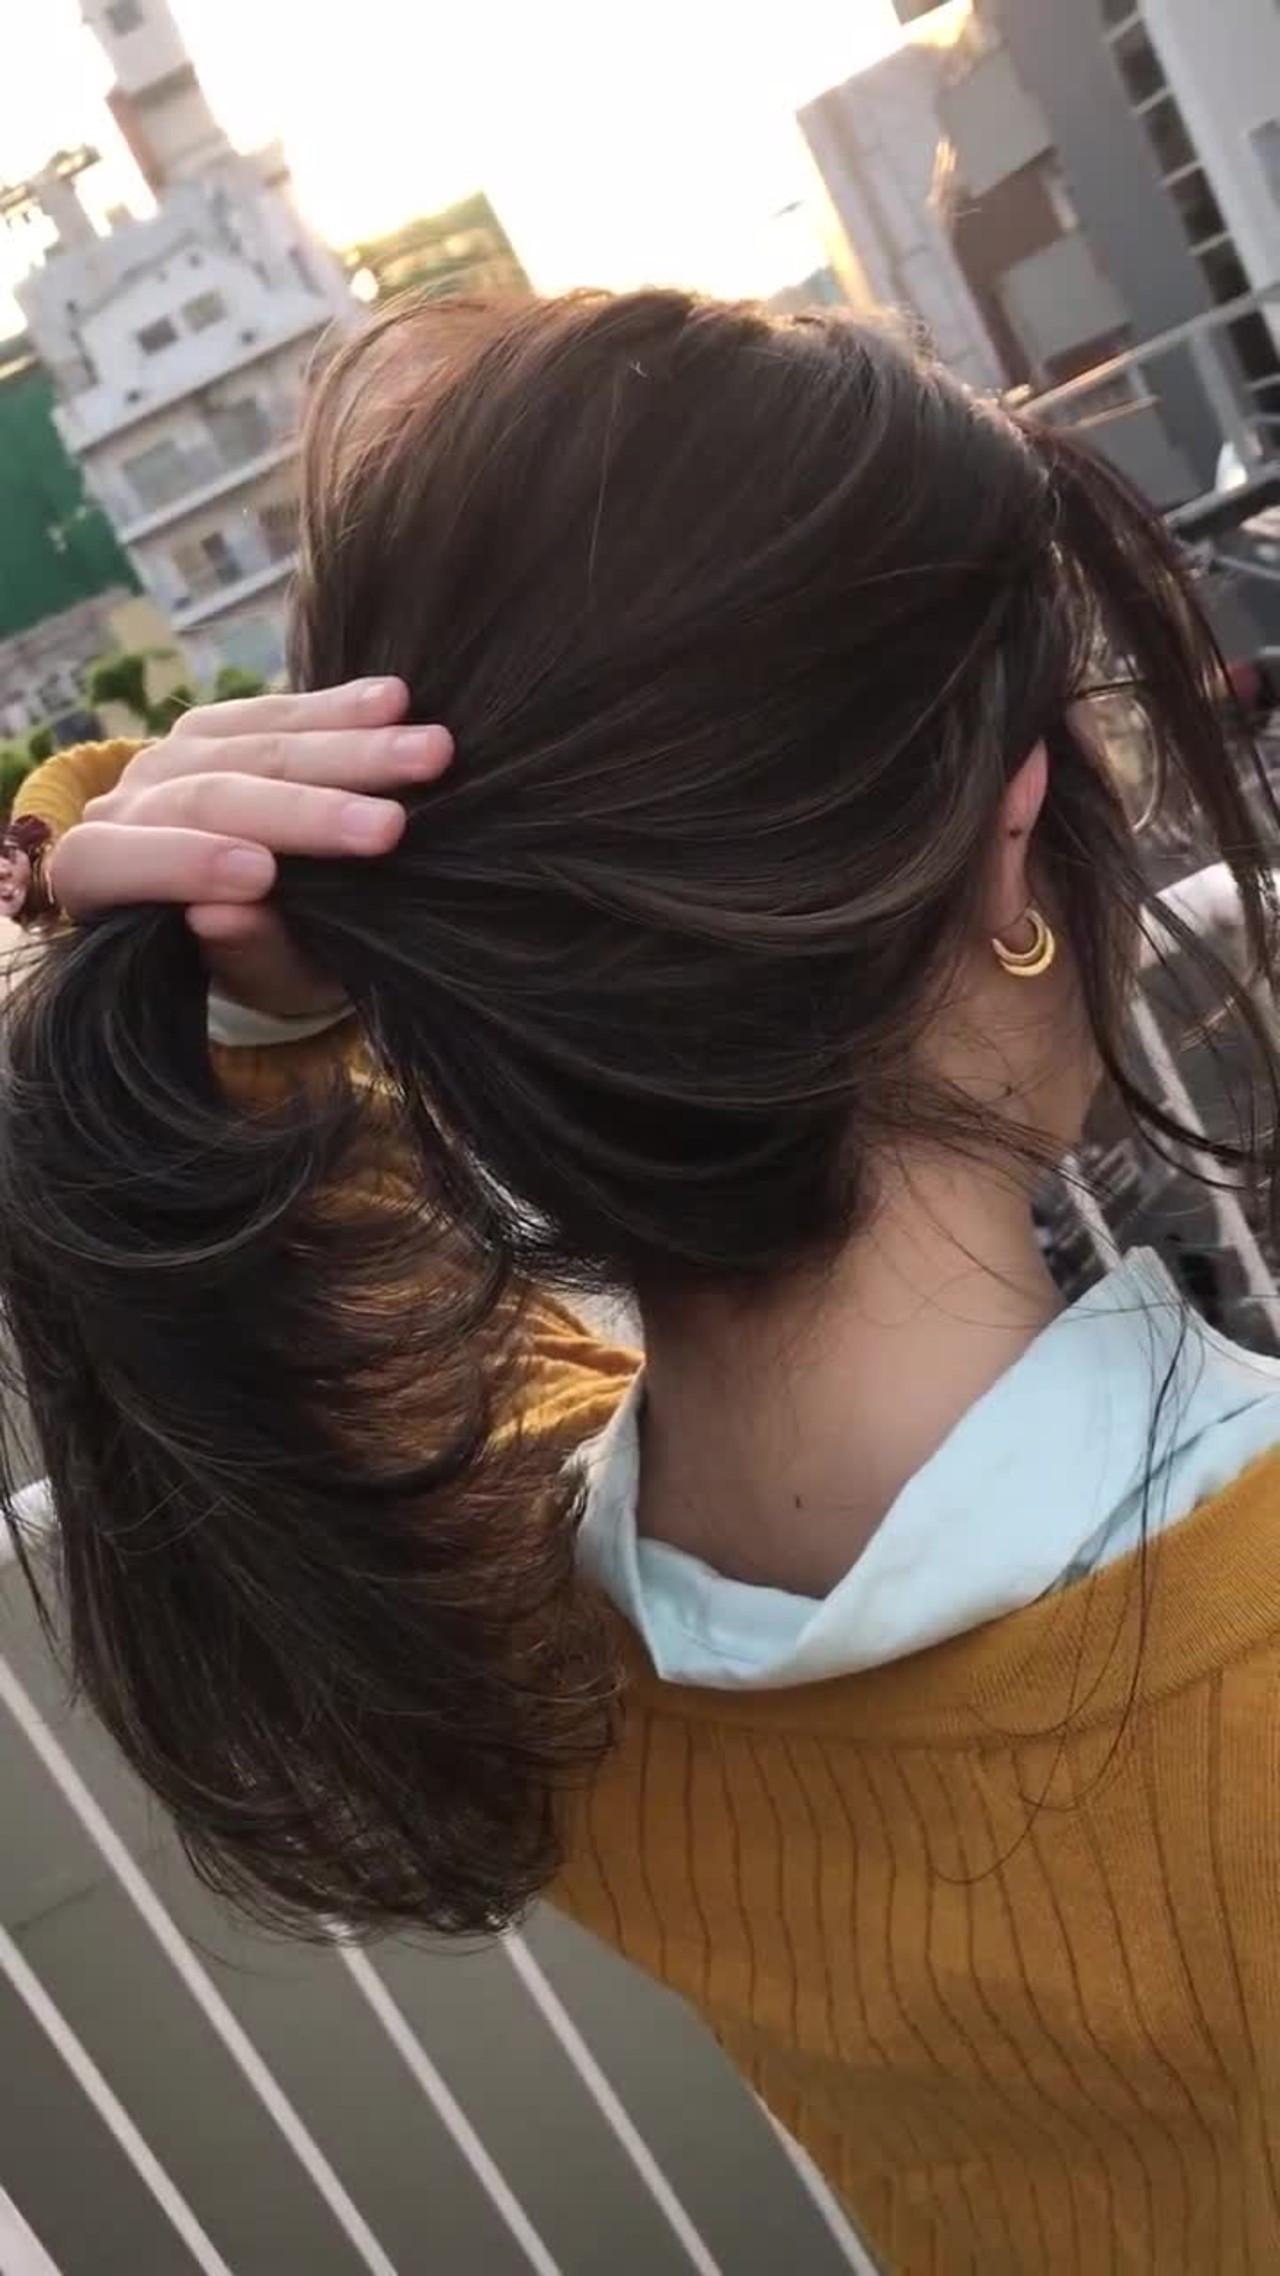 後頭部の髪のボリュームの出し方 miya/@1031miya